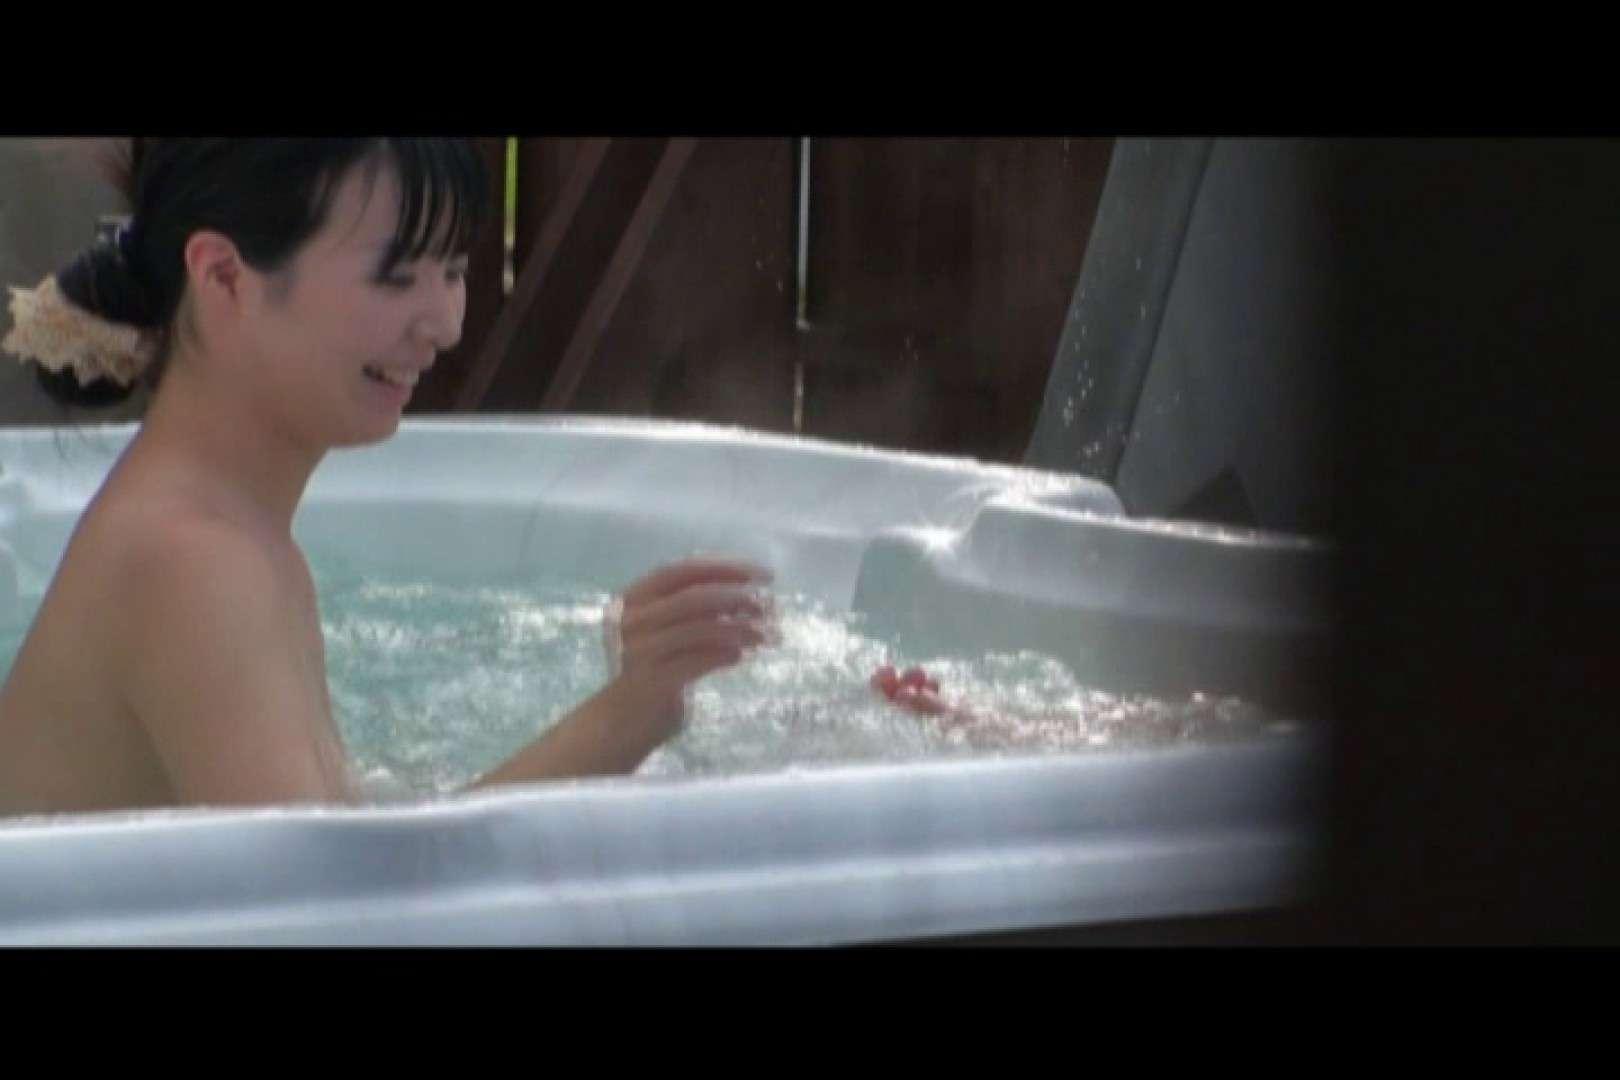 貸切露天 発情カップル! vol.07 OL  57pic 54